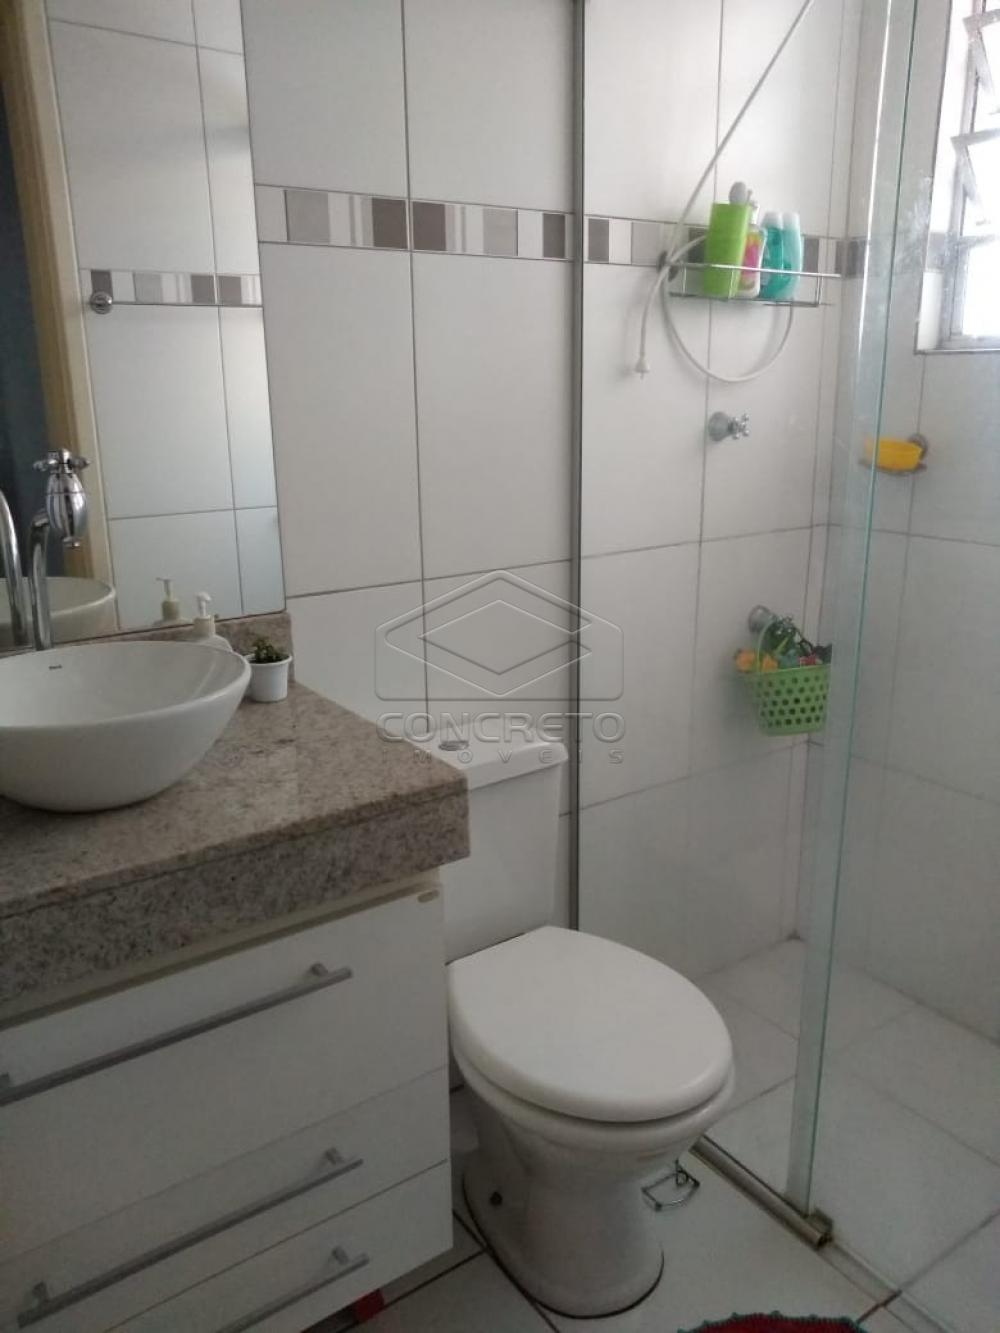 Comprar Apartamento / Padrão em Bauru R$ 220.000,00 - Foto 14